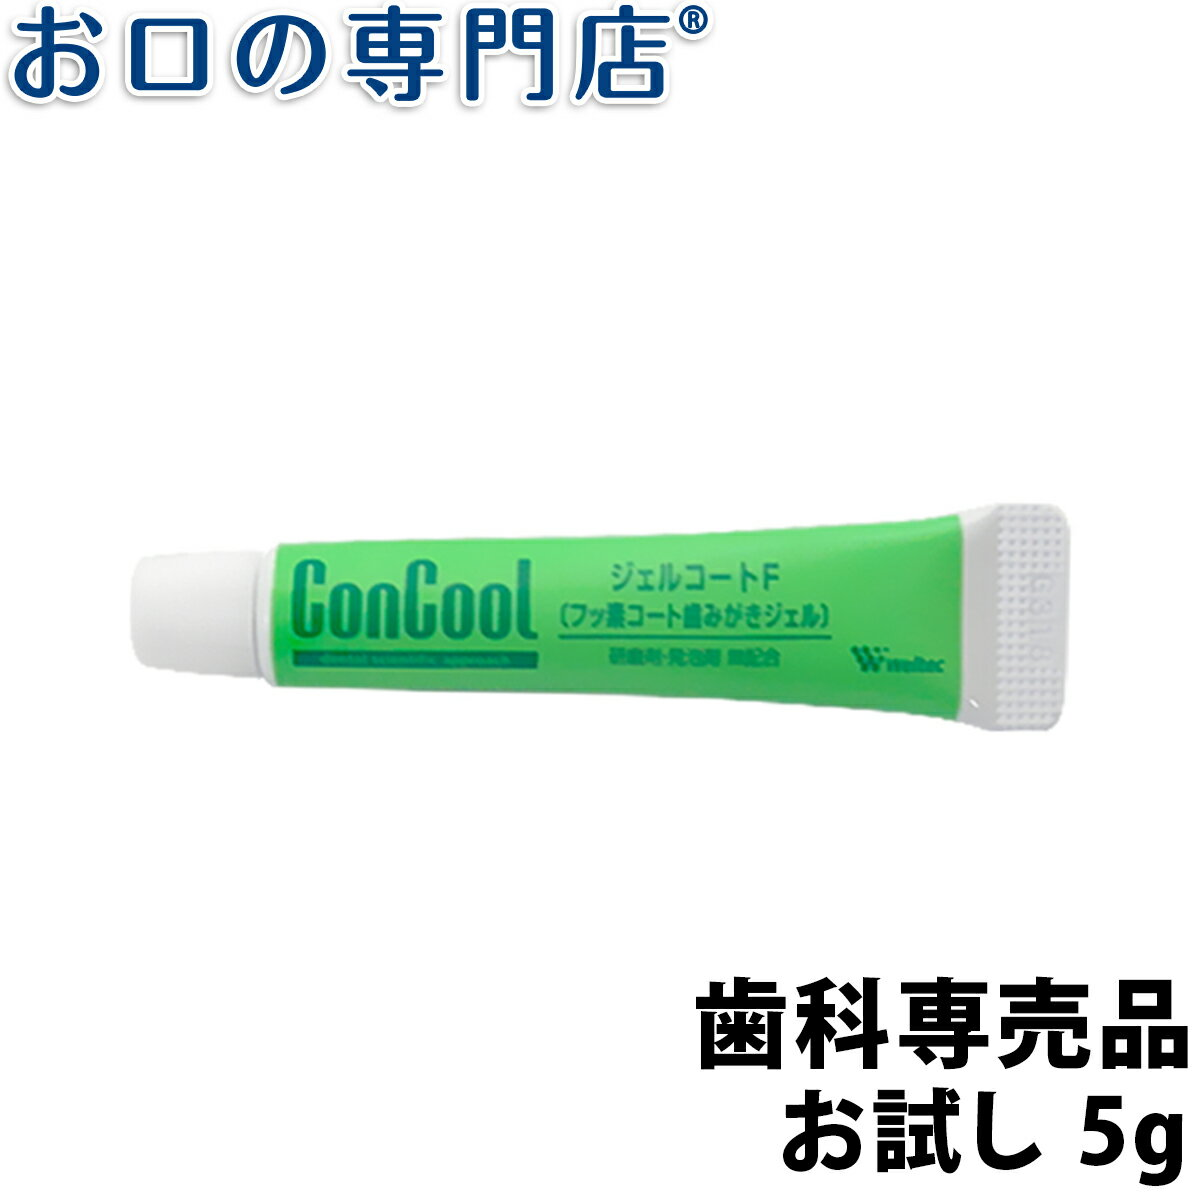 【お試し】コンクールシリーズ ジェルコートF 5g×1個 歯科専売品 【ゆうパケット(メール便)OK】